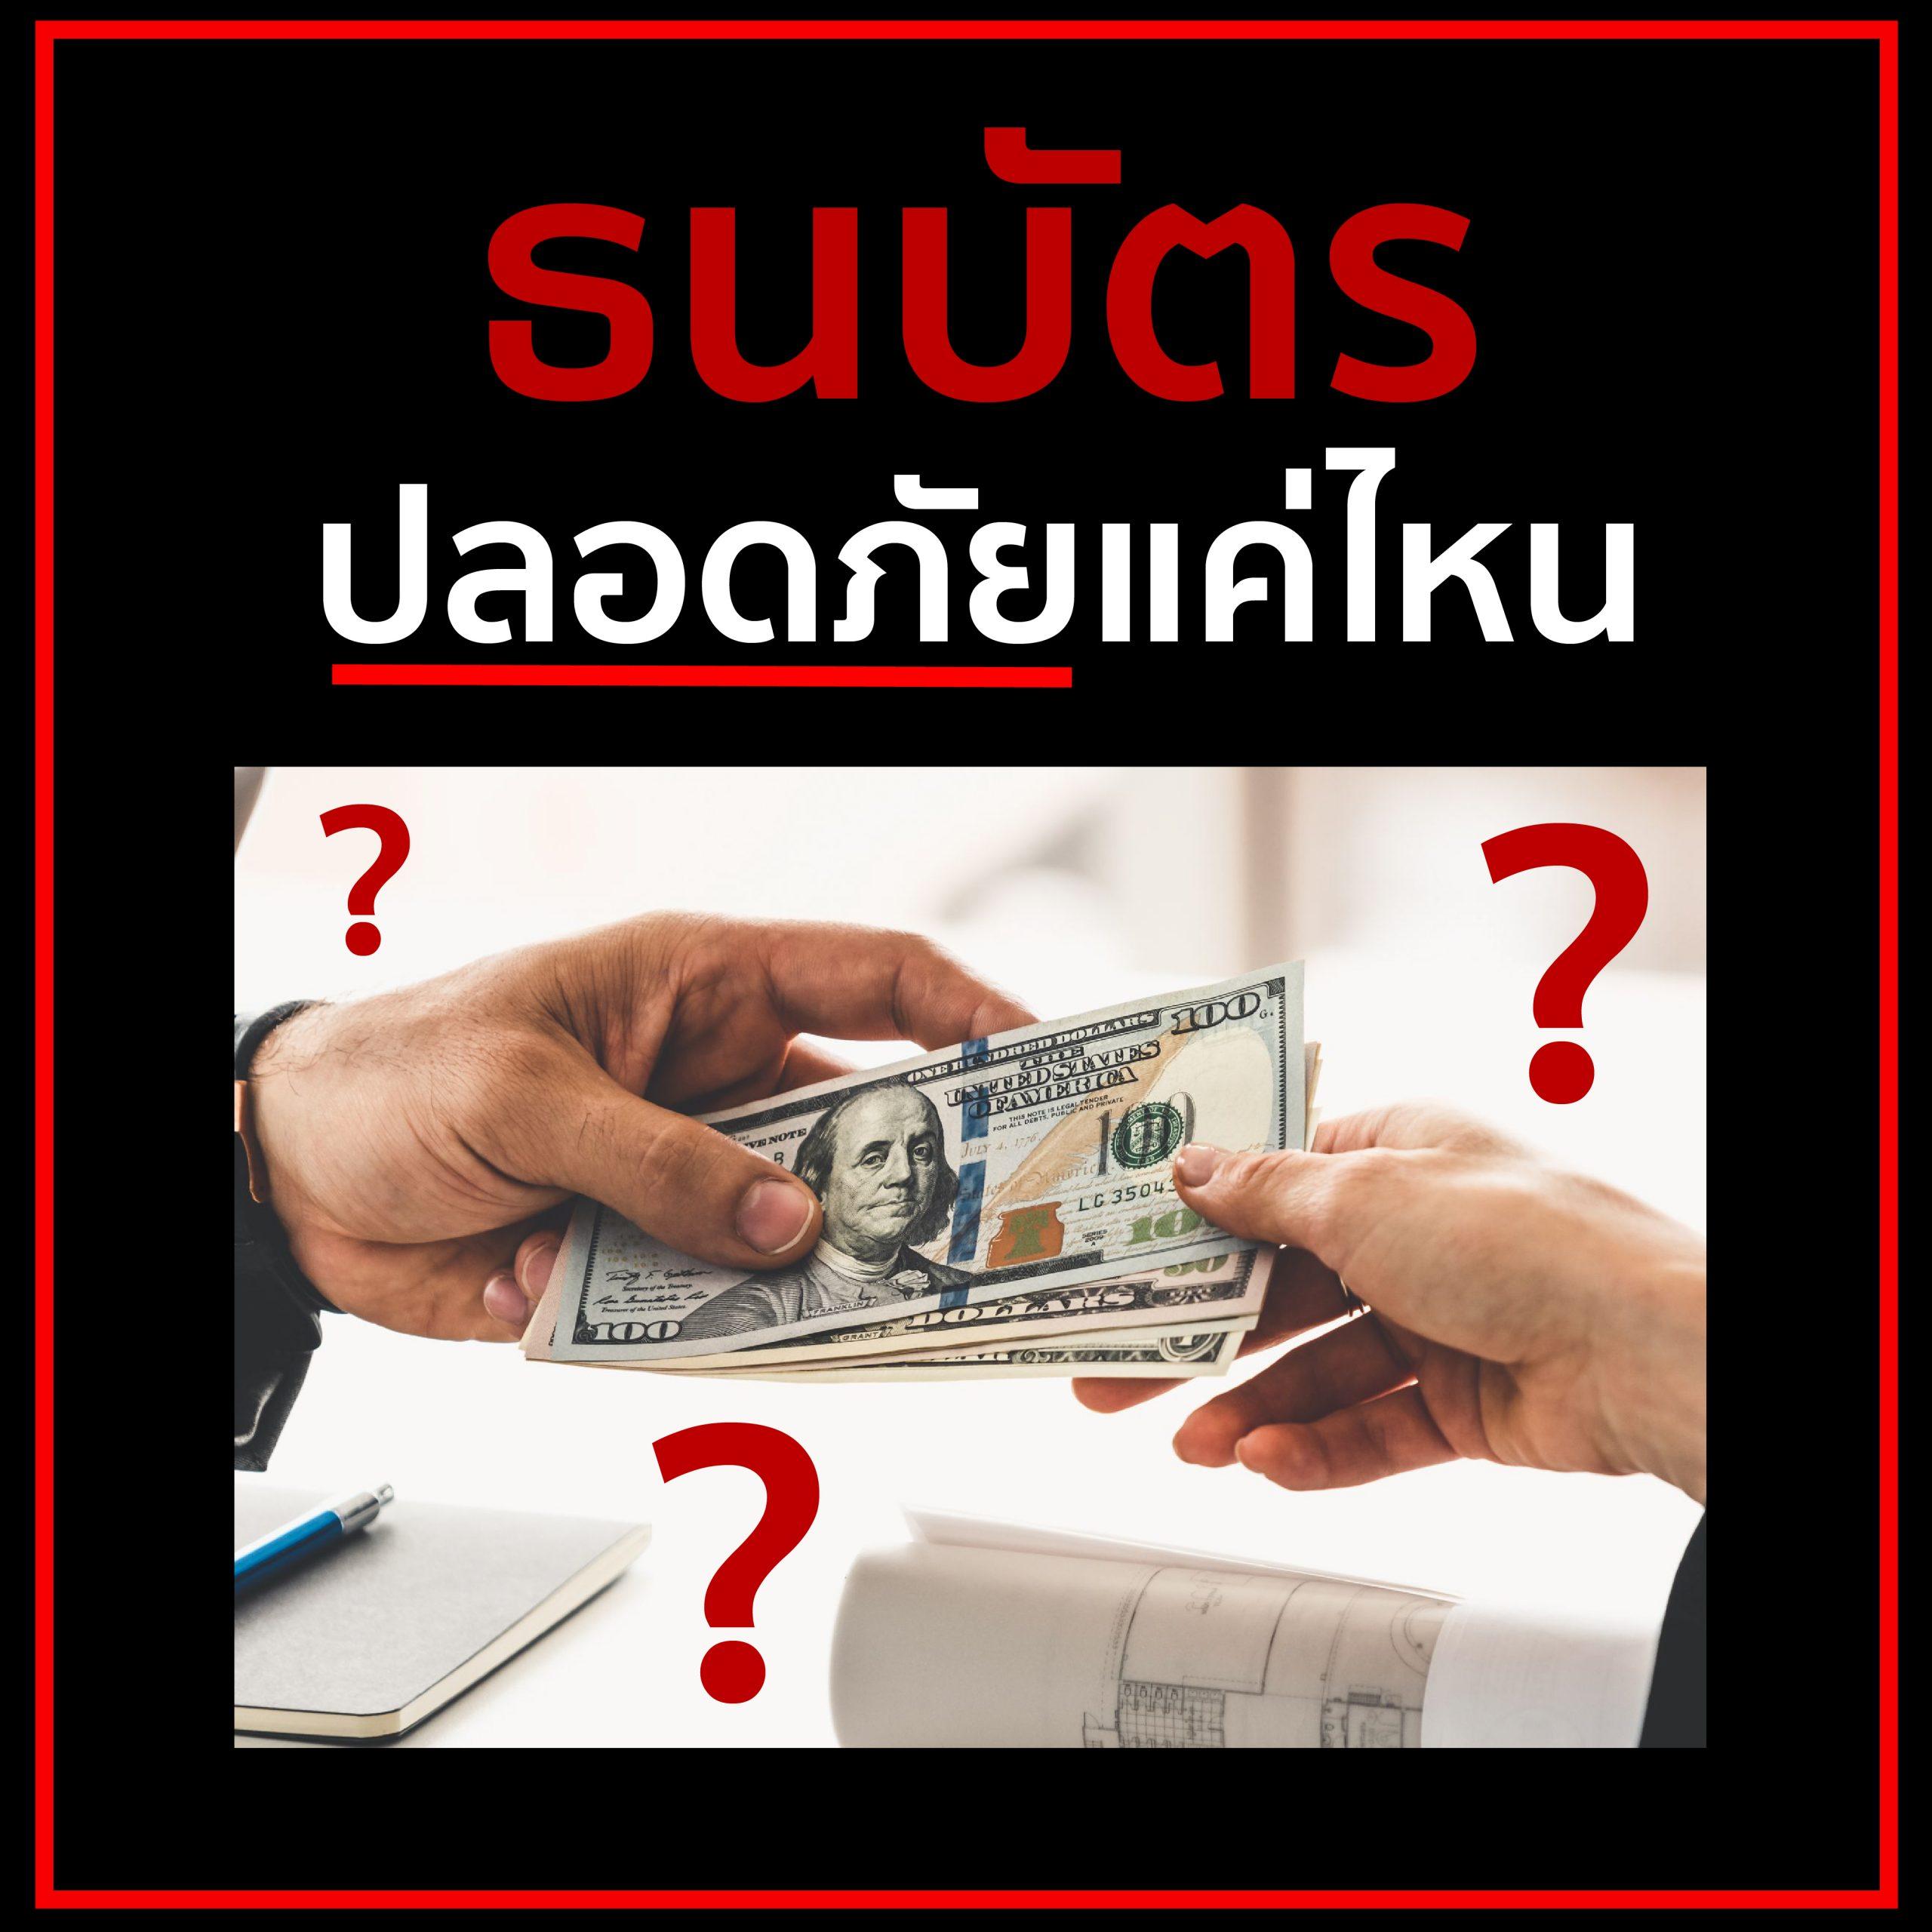 ธนบัตรปลอดภัยแค่ไหน